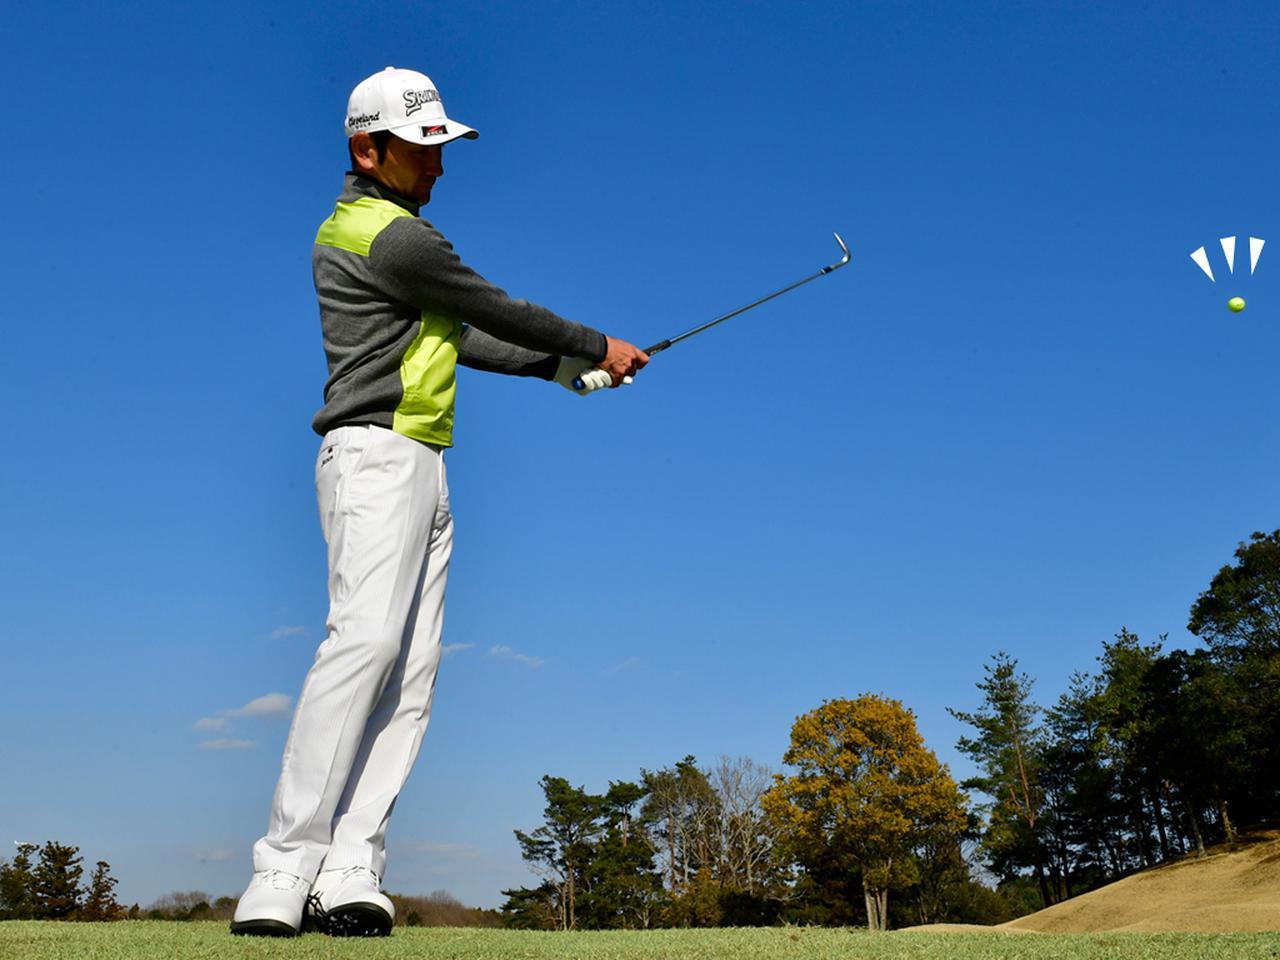 画像7: 【春ゴルフのアプローチ】芝が薄いこの時期は、フェースを返すのが正解です。誰でもできる100切りレッスン